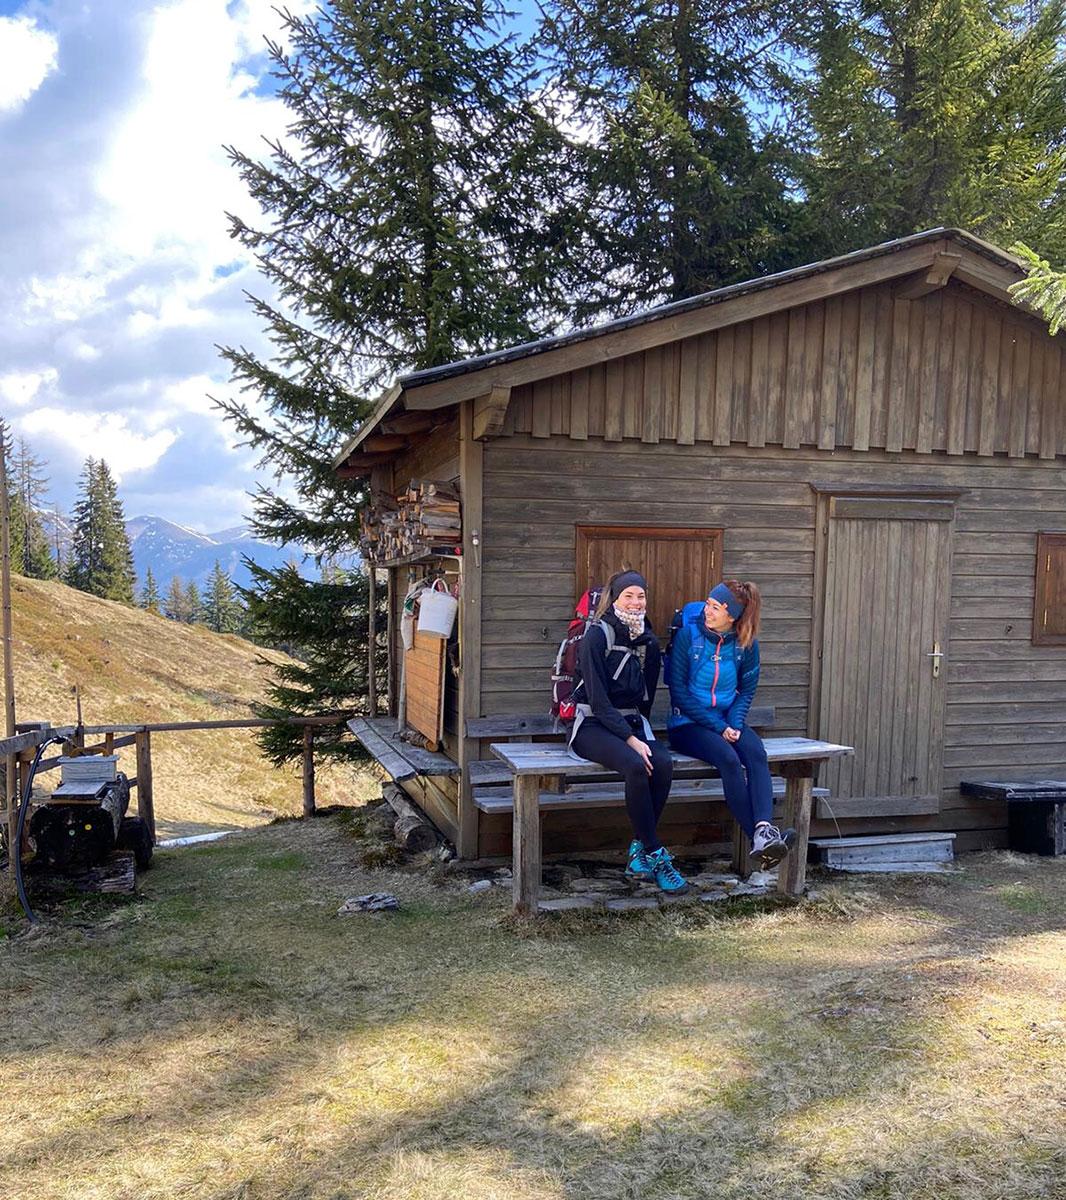 wildatheart_bei-Angelas-kleiner-Hütte-in-Liesingtal